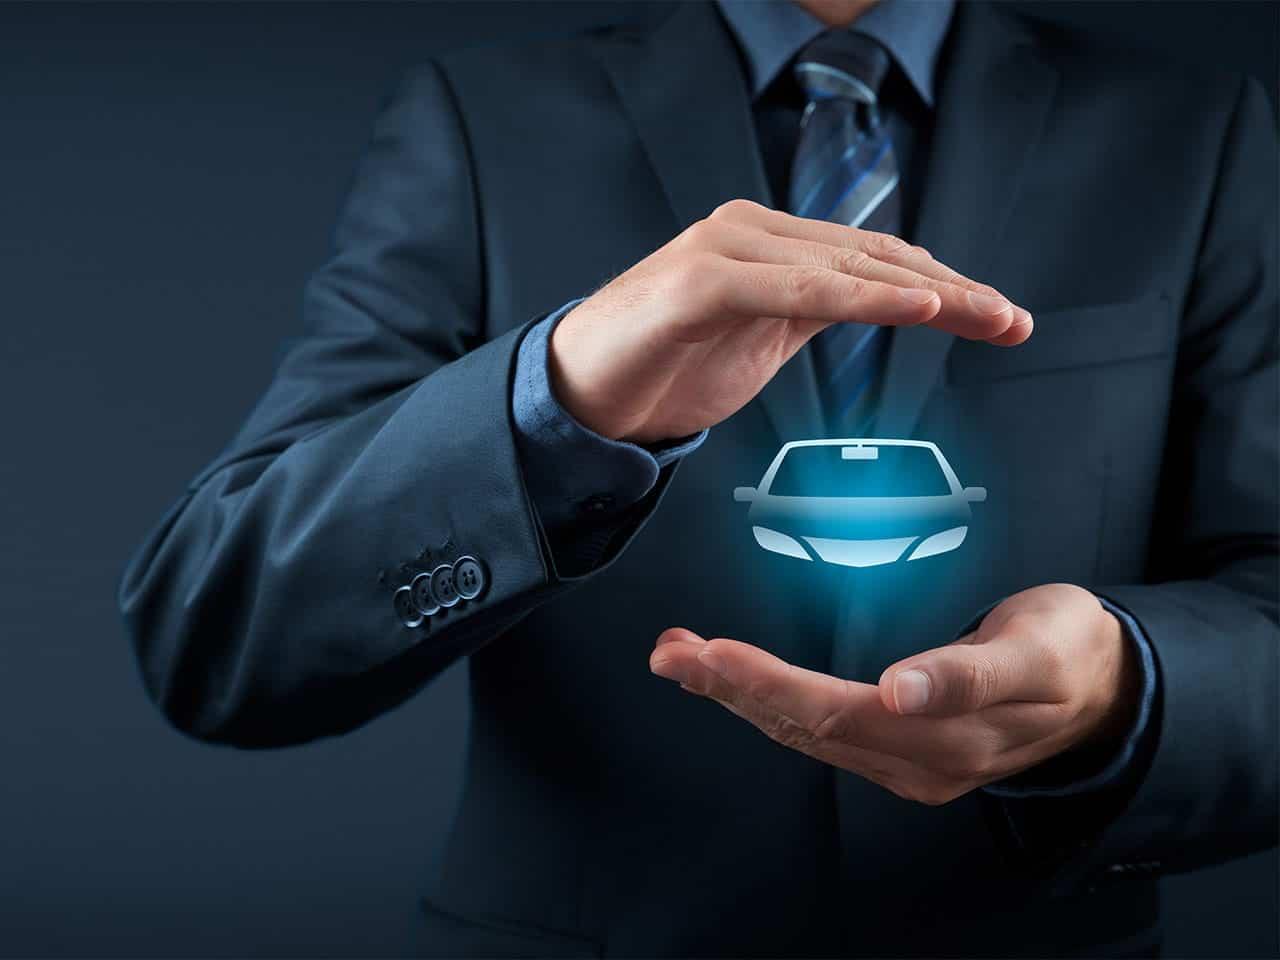 Mann mit einem Auto-Icon in den Haenden.